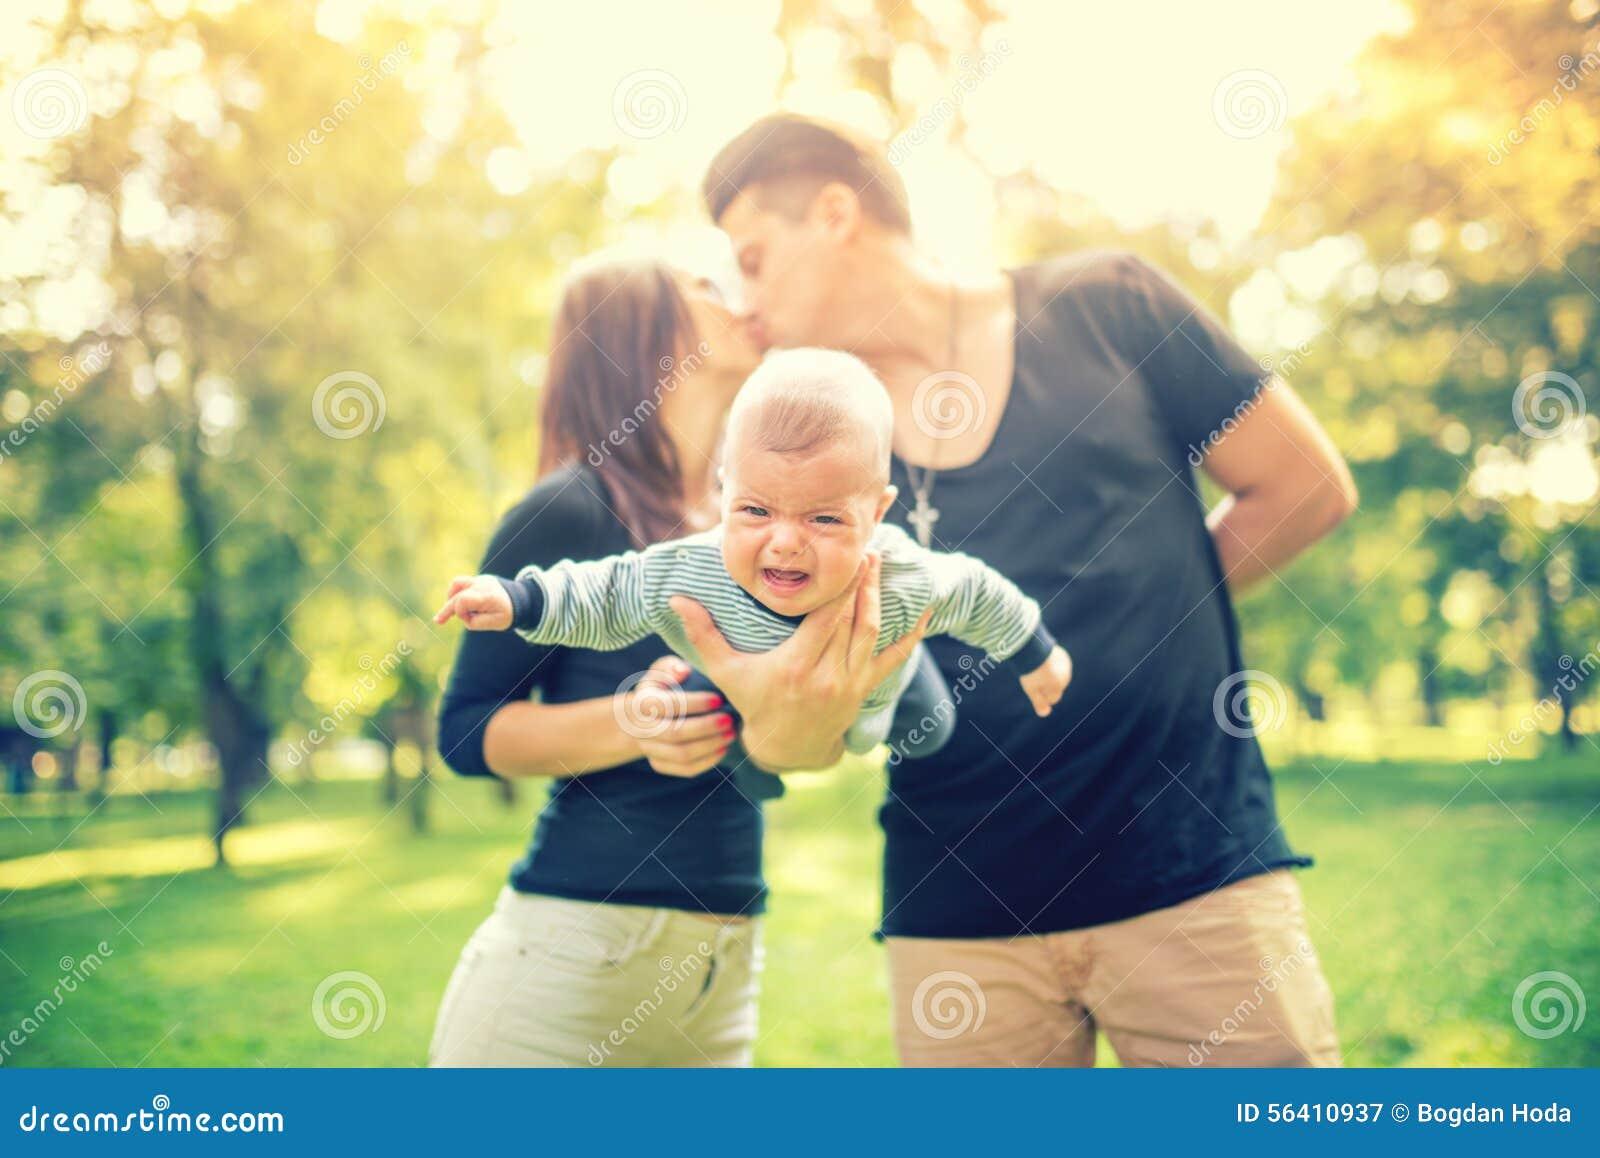 Coppia sposata che tiene bambino neonato e baciare Famiglia felice, concetto del giorno del padre e madre